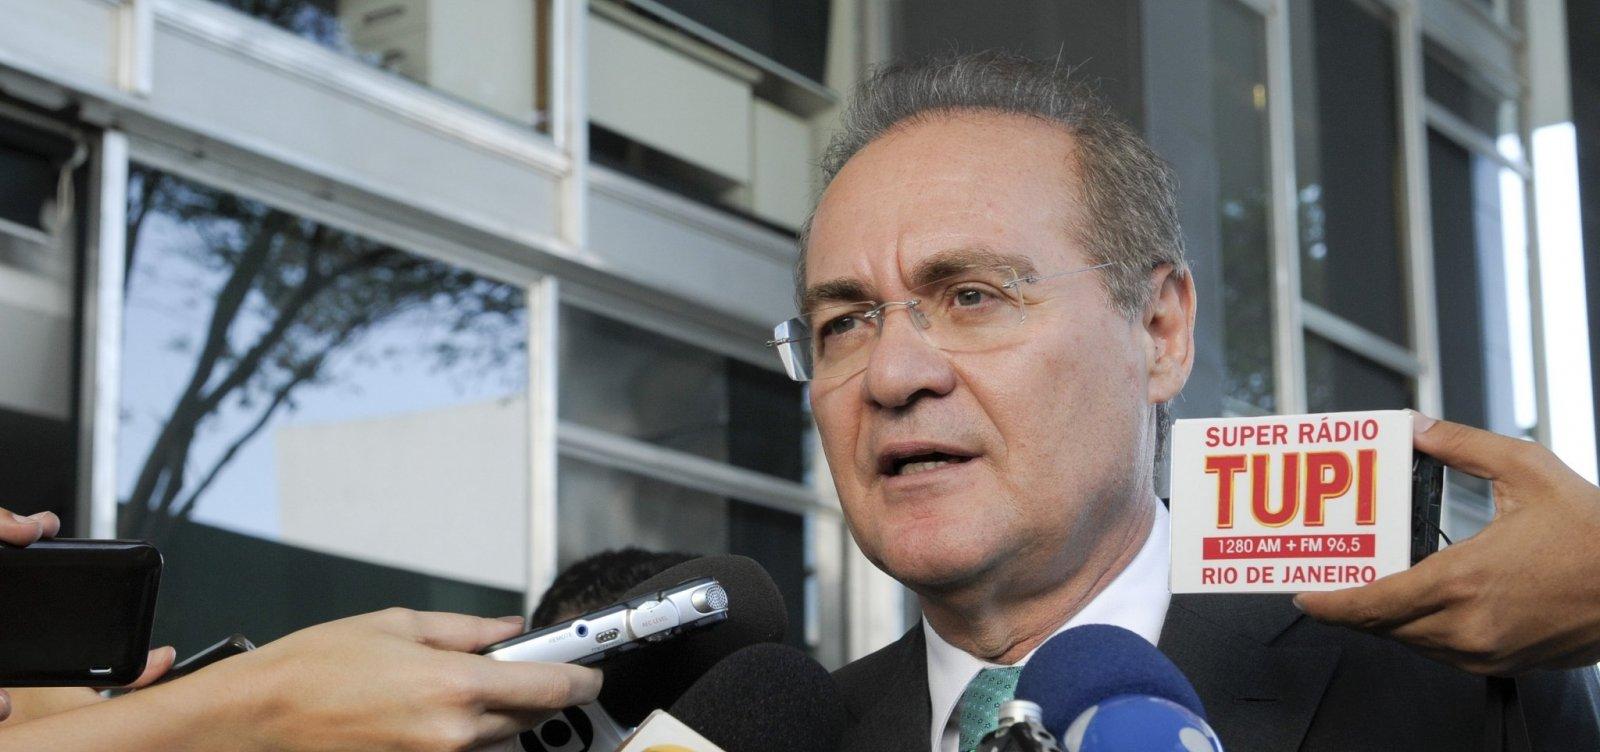 [Renan Calheiros diz ter apoio de 40 senadores na disputa pela presidência]